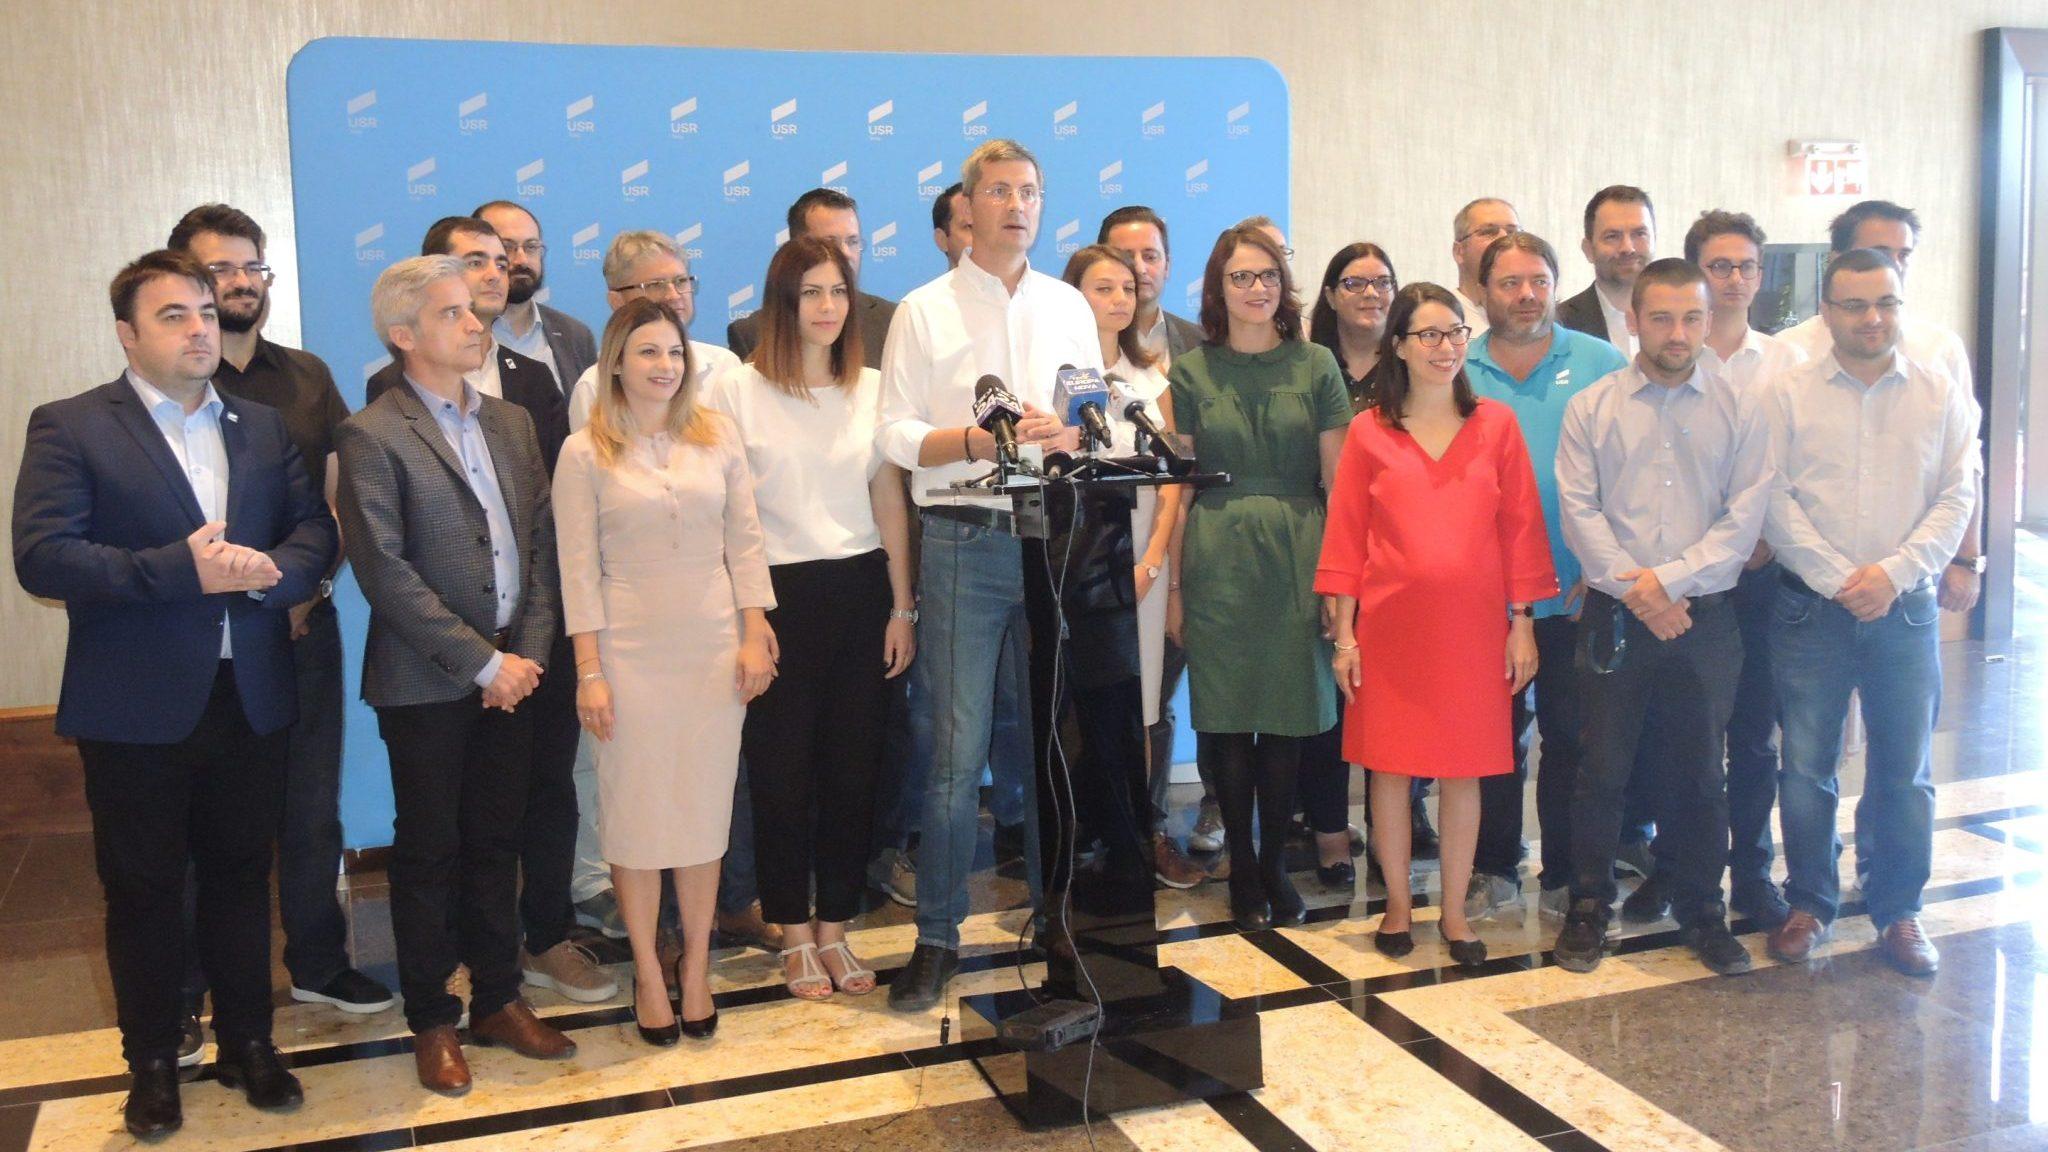 Democrația internă a învins în USR. S-o vedem și la stabilirea candidaților la locale!